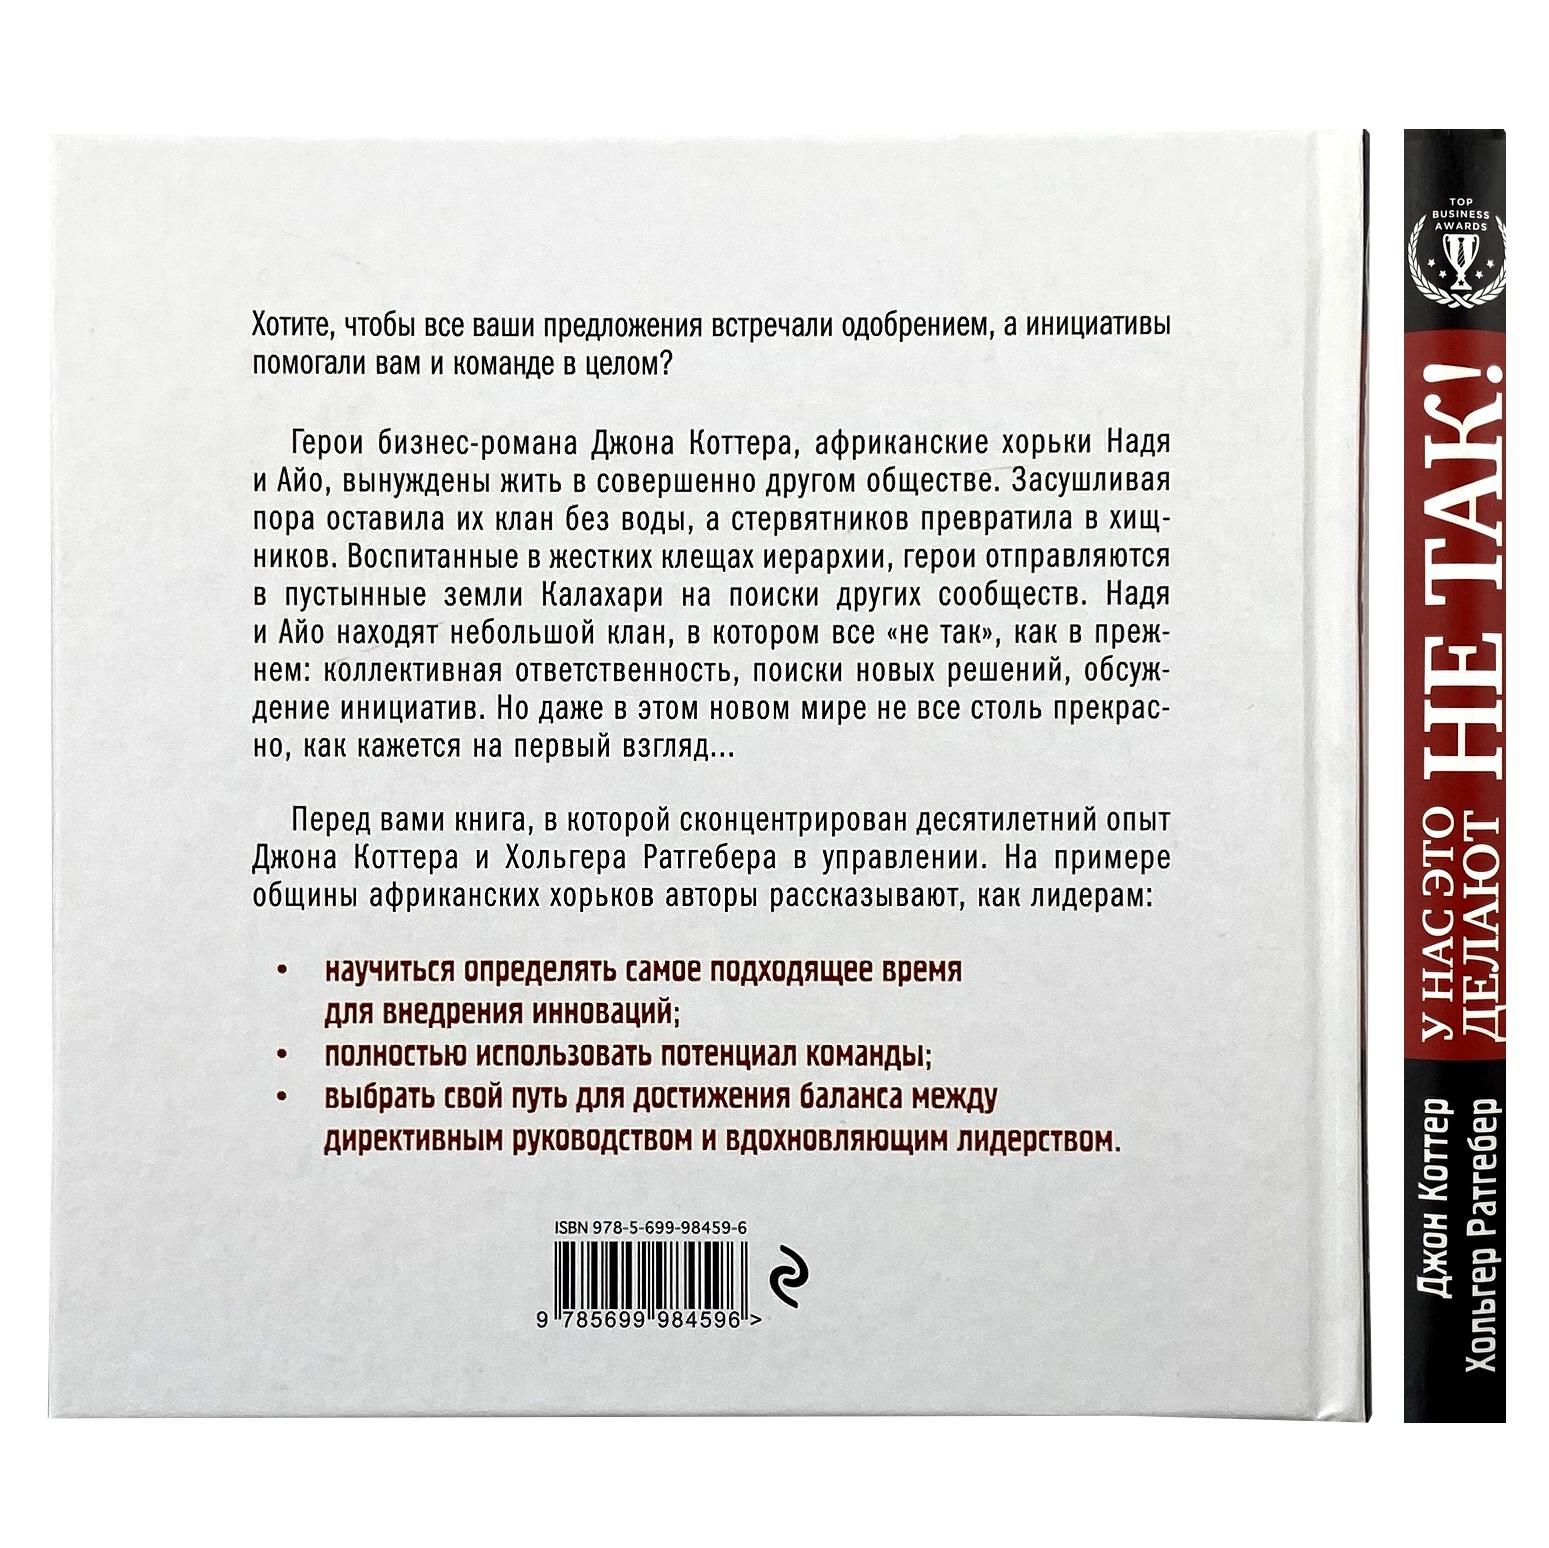 У нас это делают не так! Бизнес-роман о том, как перейти от авторитарного стиля управления к демократическому (must-have для лидера). Автор — Коттер Джон, Хольгер Ратгебер.